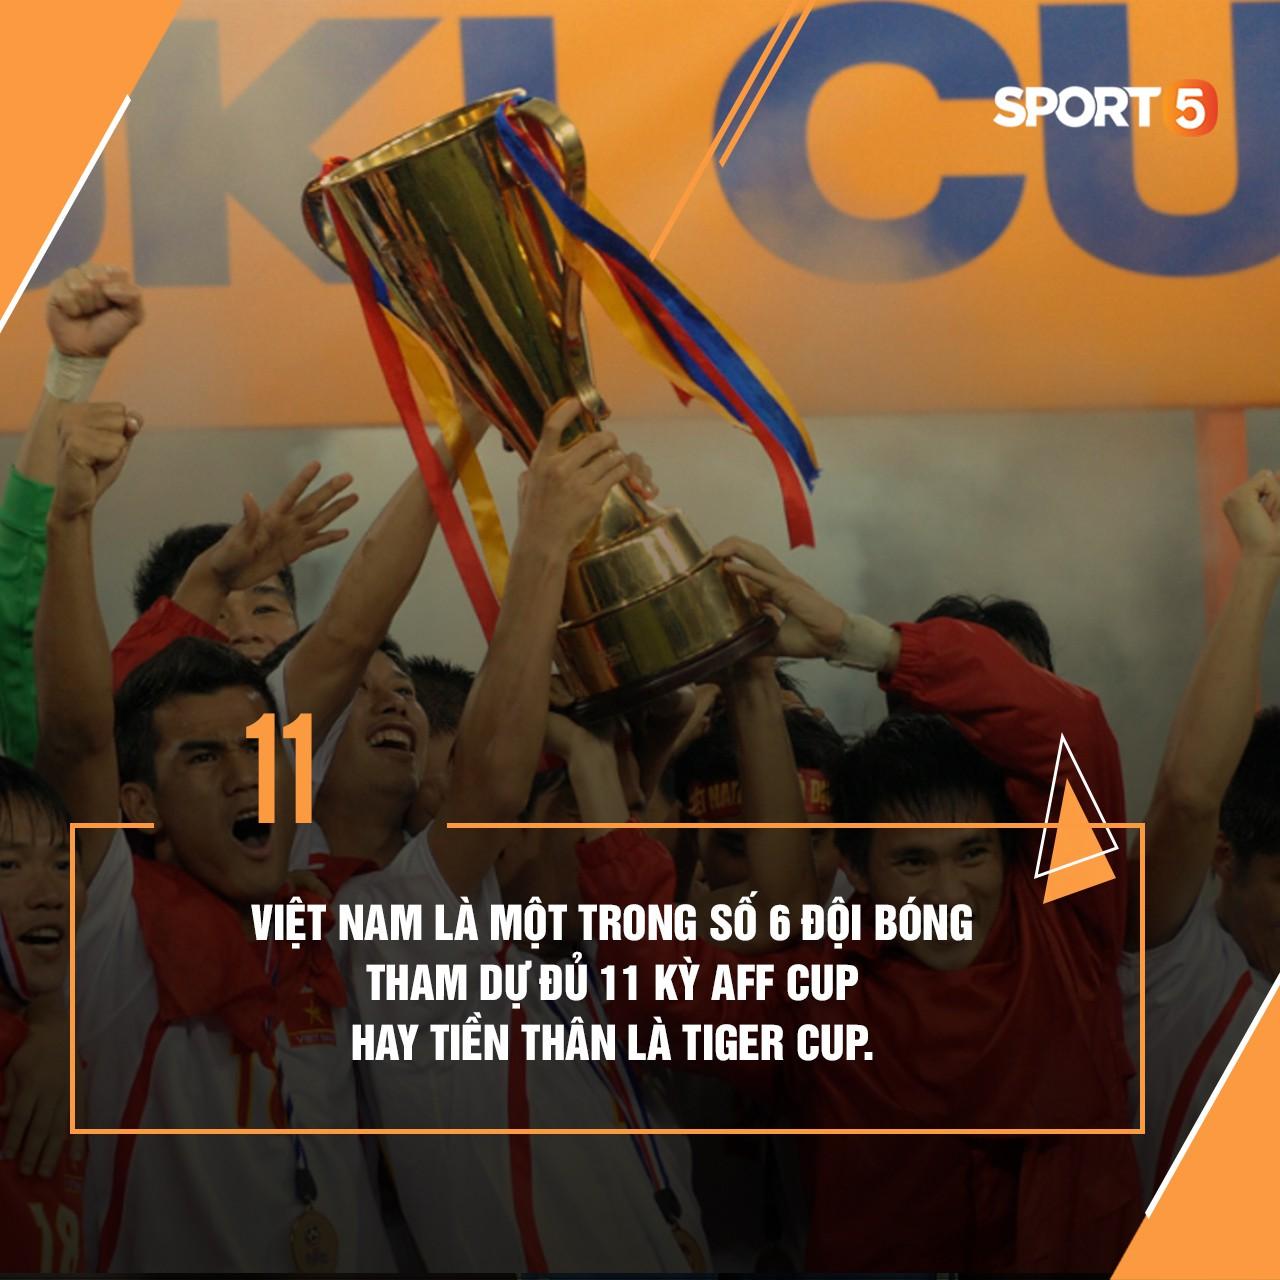 Những thống kê thú vị về tuyển Việt Nam ở AFF Cup - Ảnh 2.